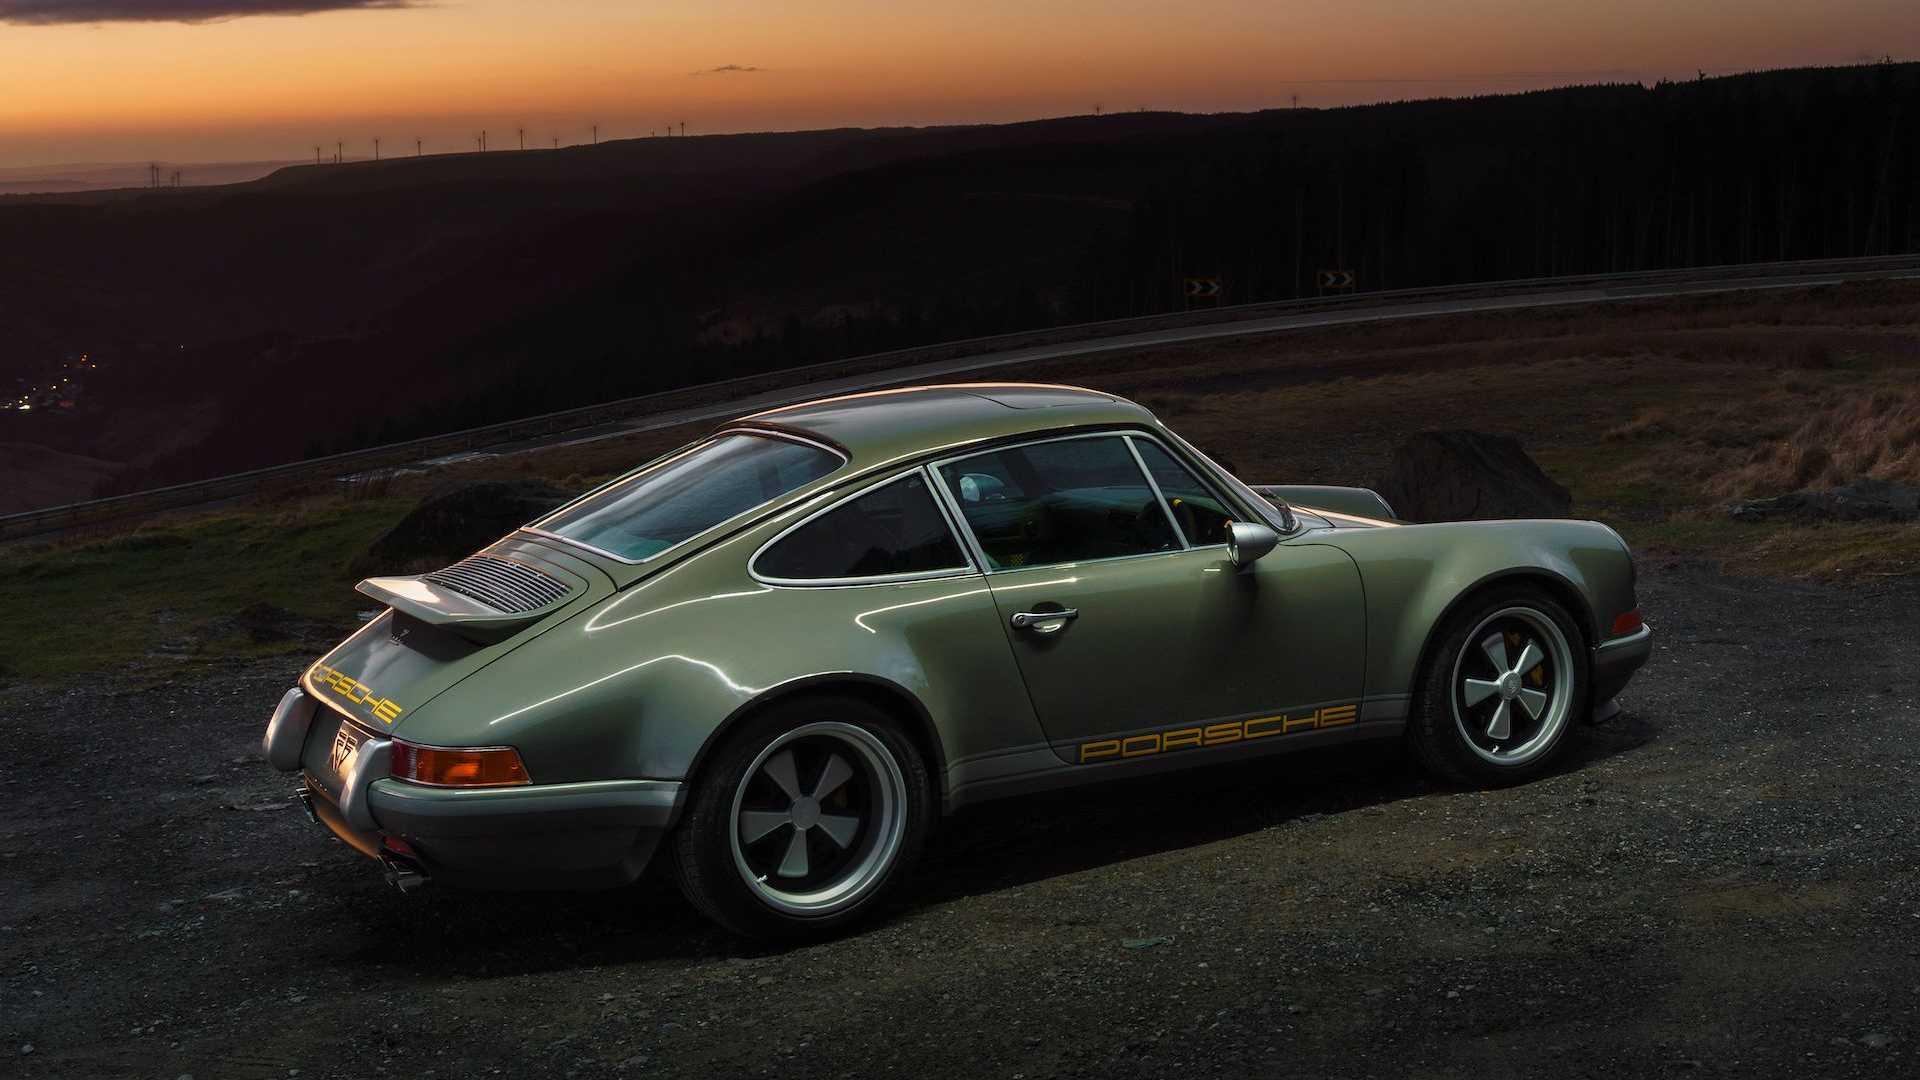 Theon-Design-HK002-Porsche-911-14